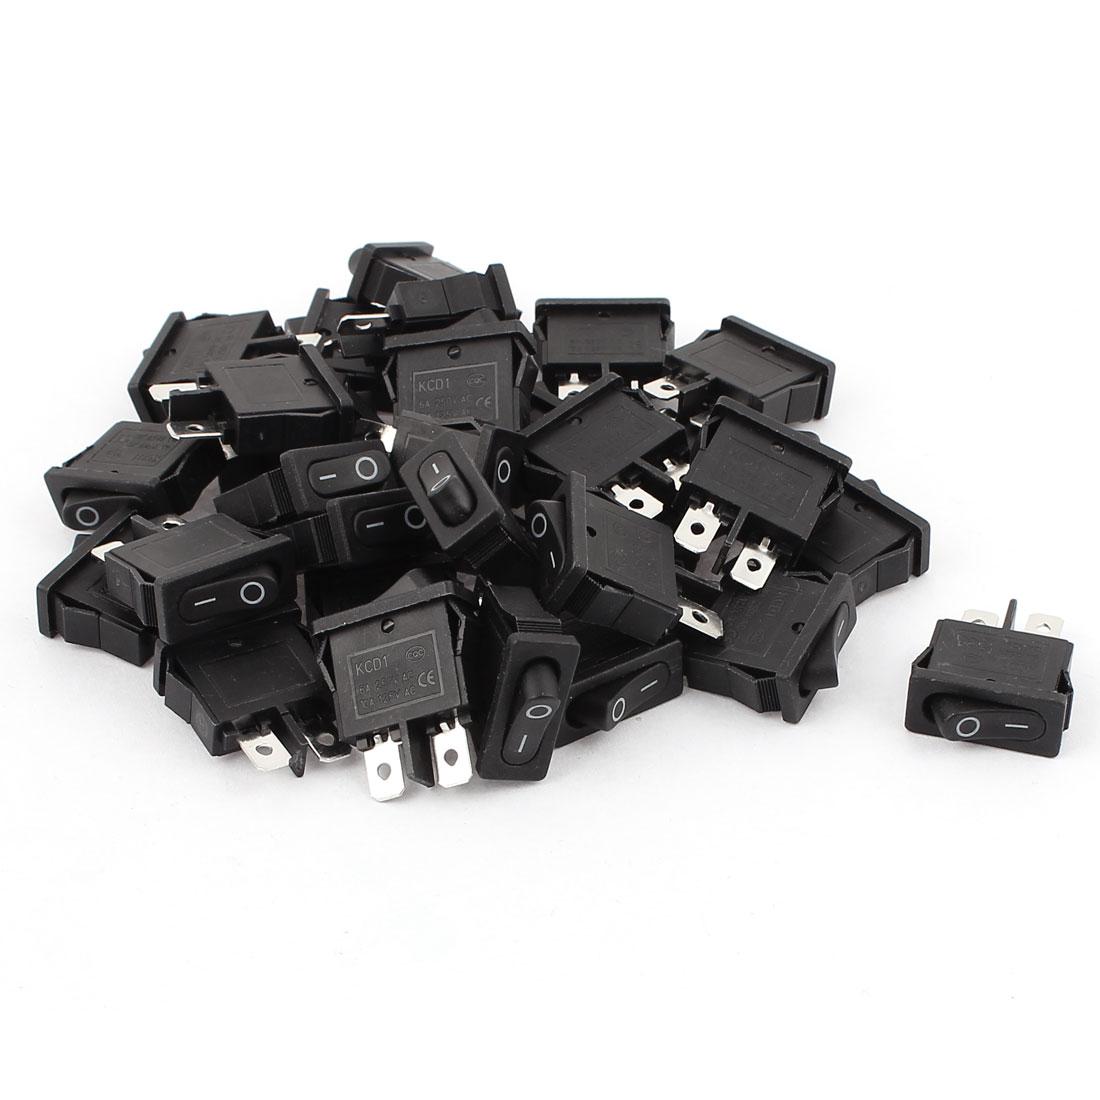 30 Pcs SPST ON/OFF Mini Black Boat Rocker Switch AC 250V/6A 125V/10A